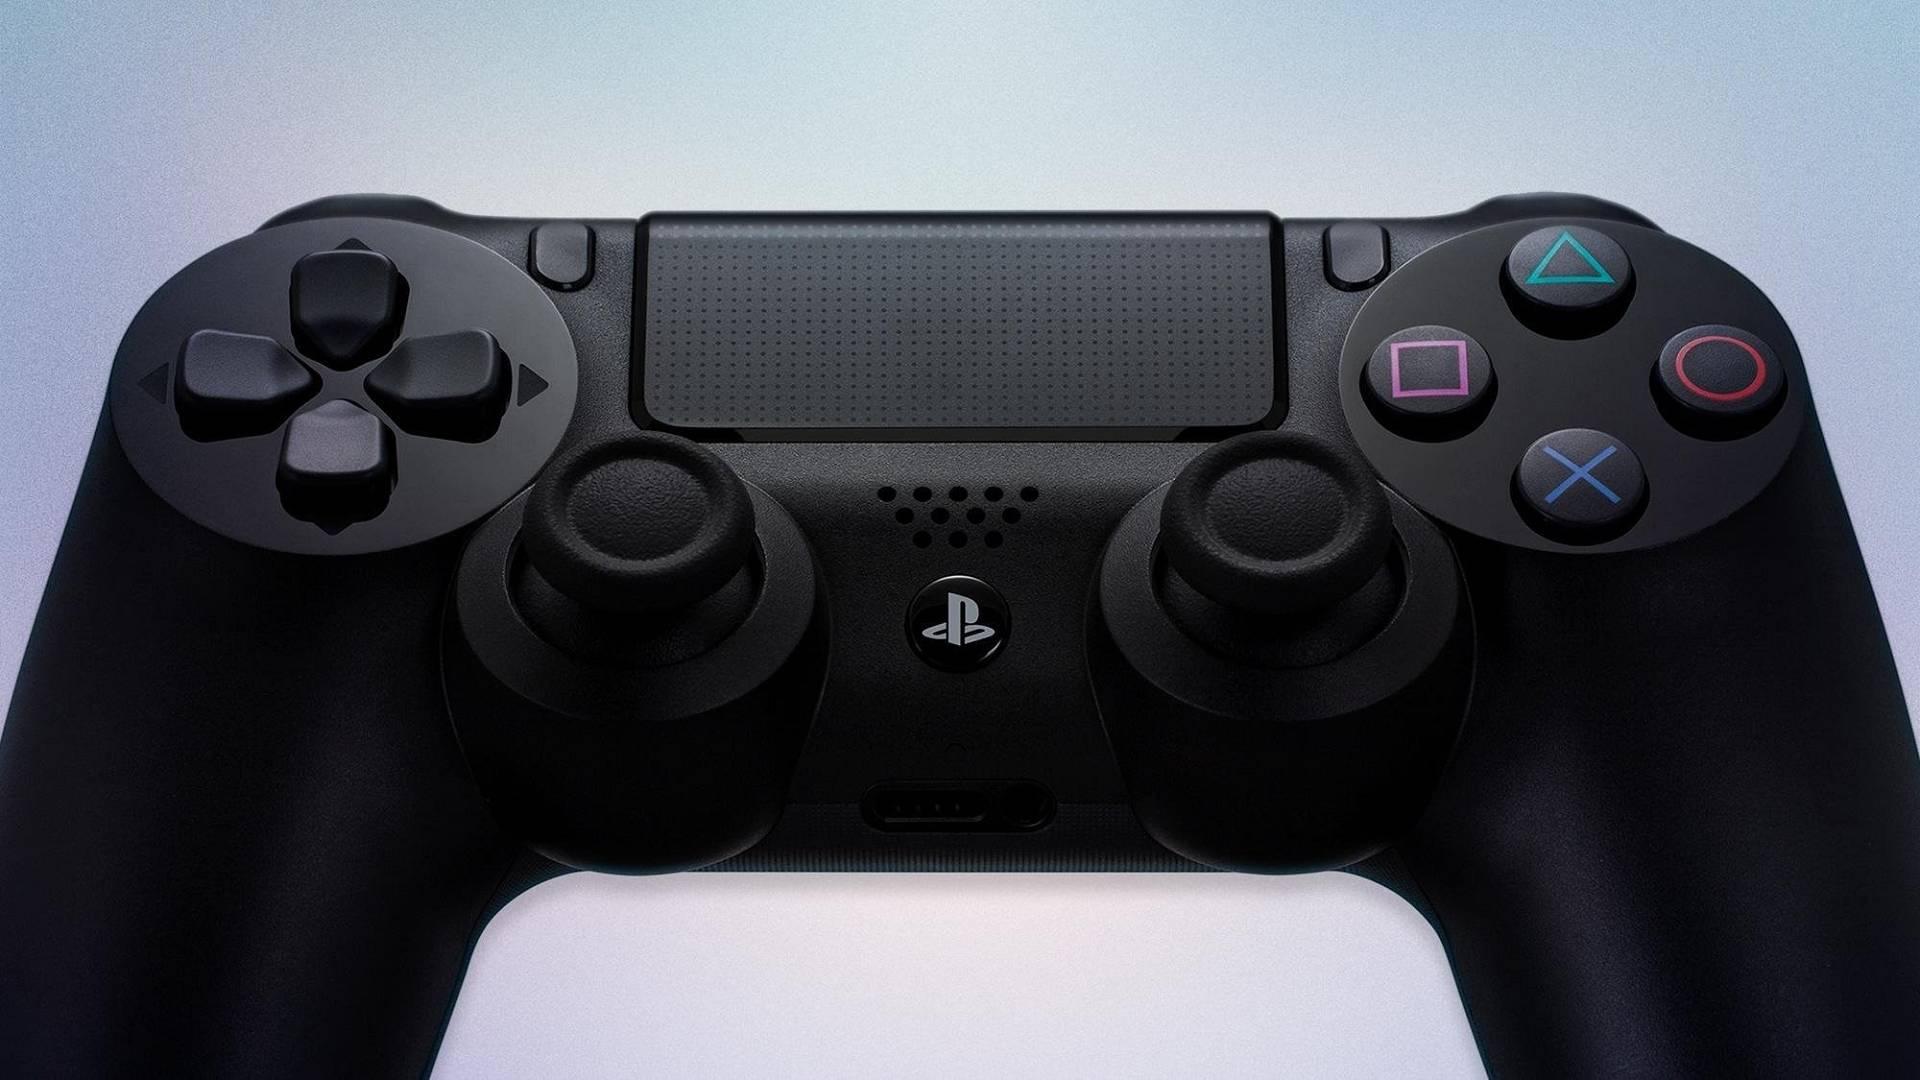 I migliori accessori PS4 | Gennaio 2021